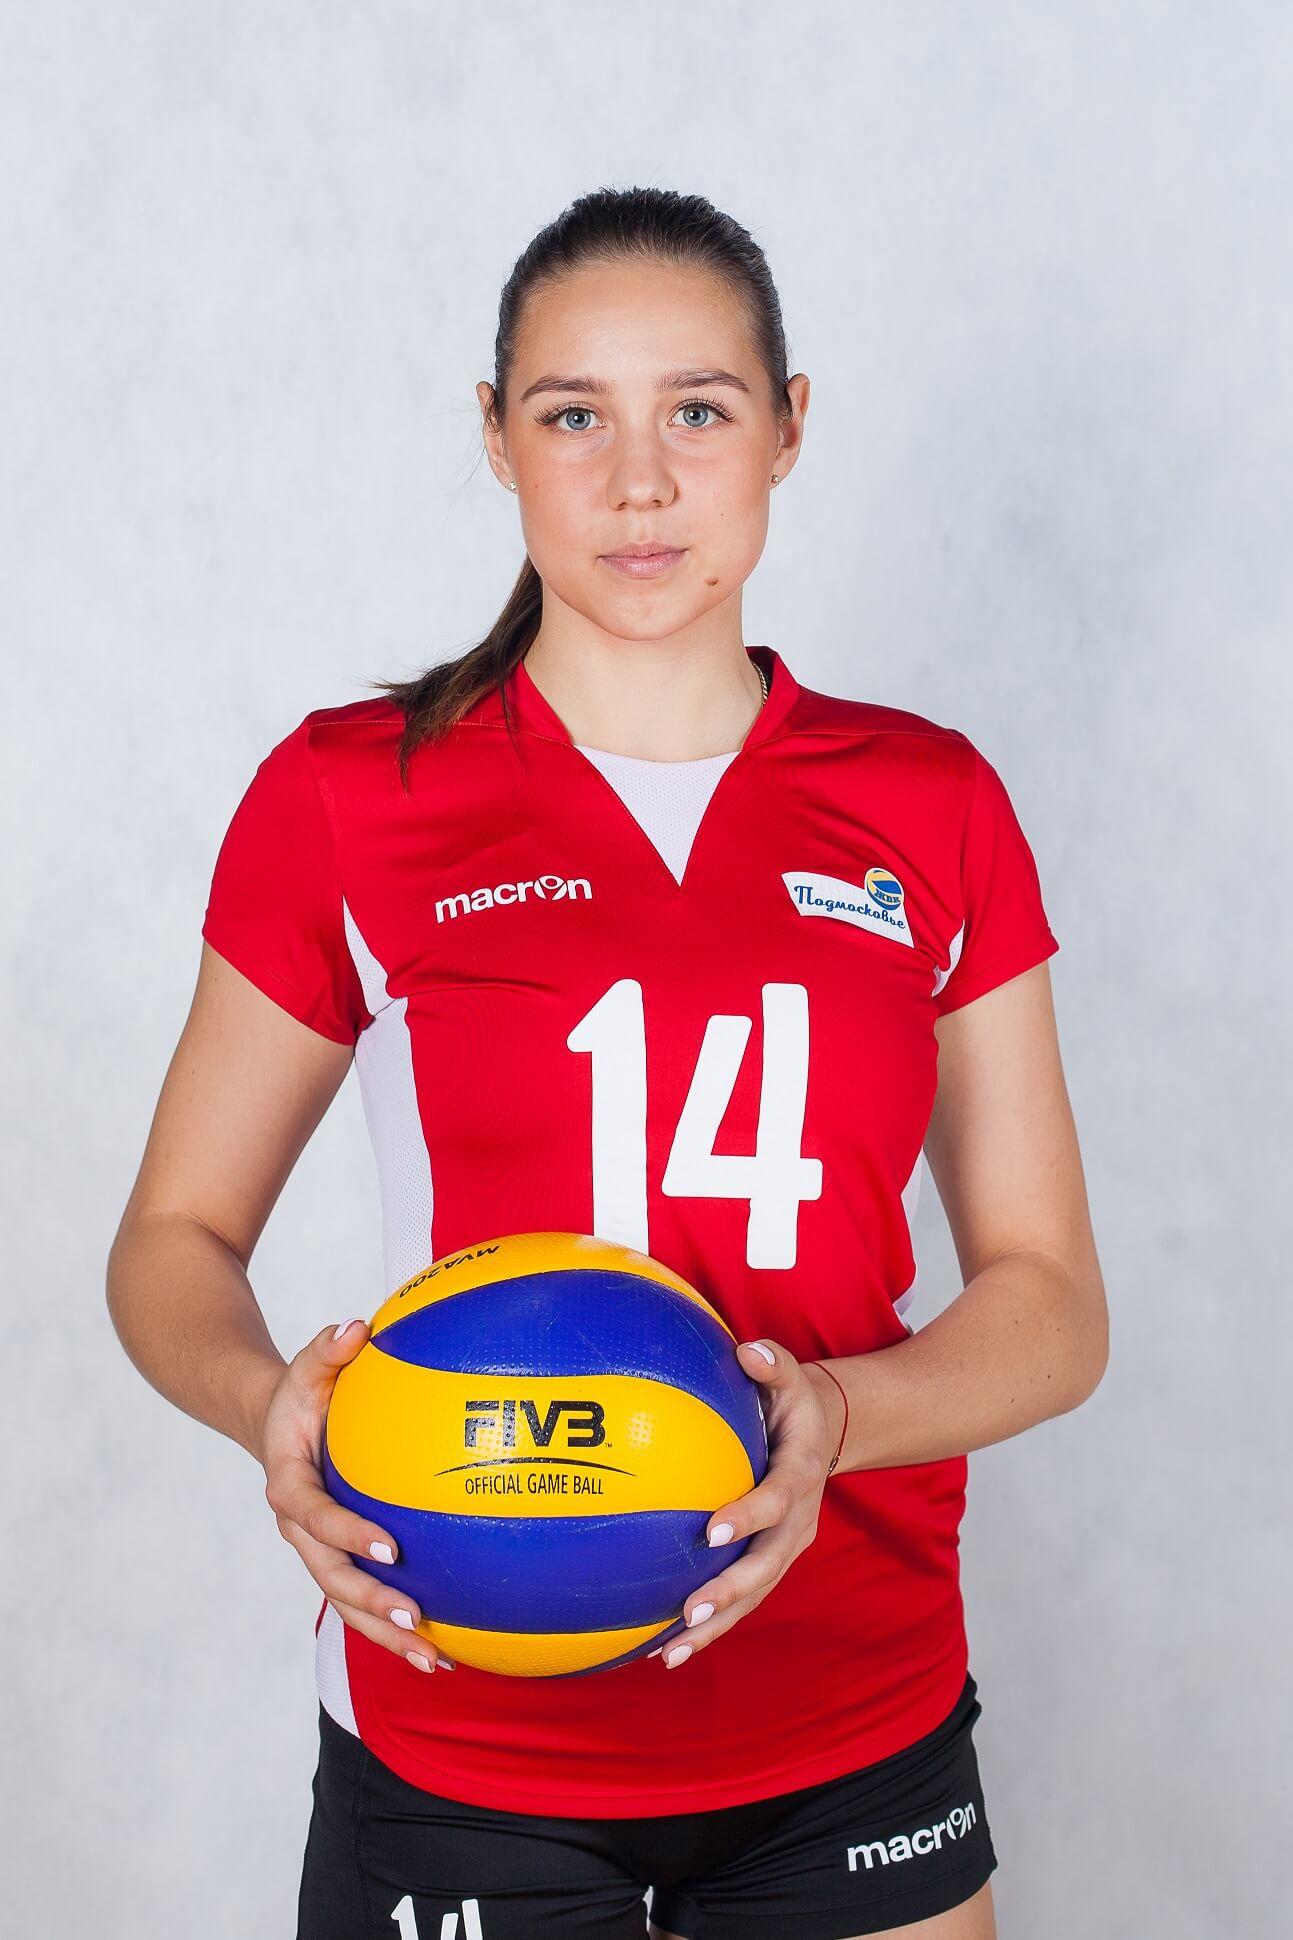 14-balberova